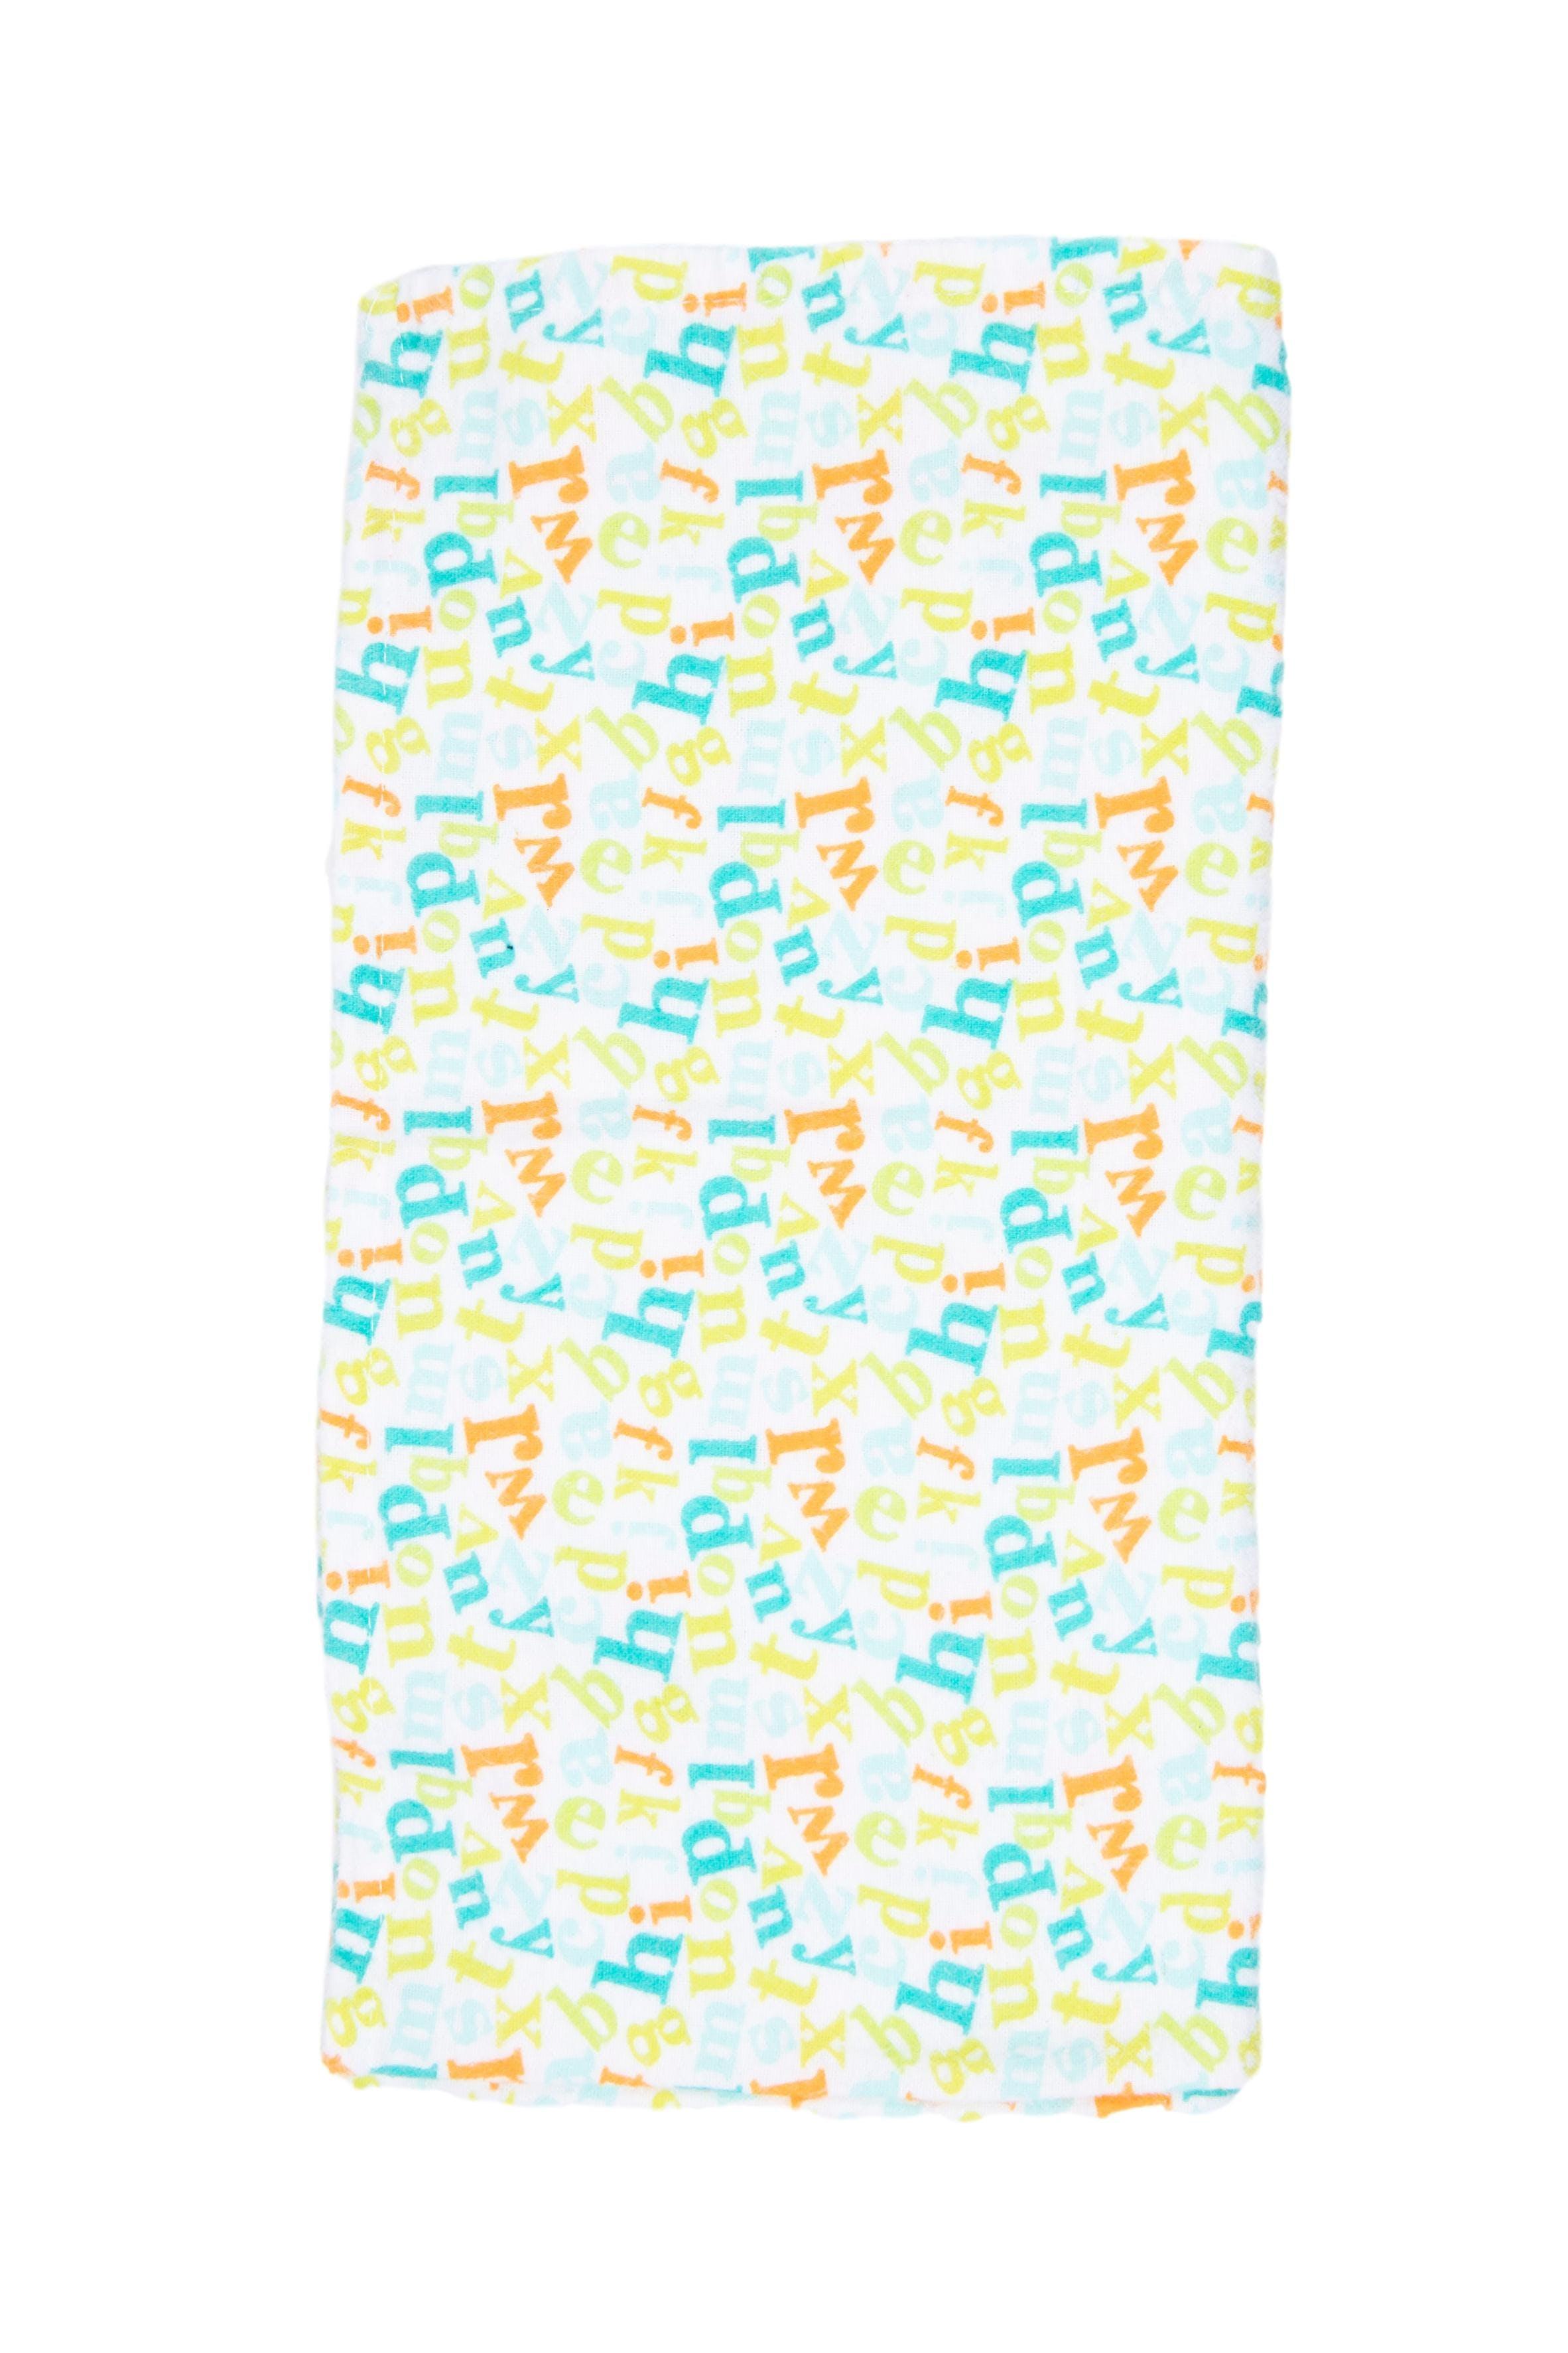 Manta franela algodon con letras de colores 70x70 - Honey Bunny